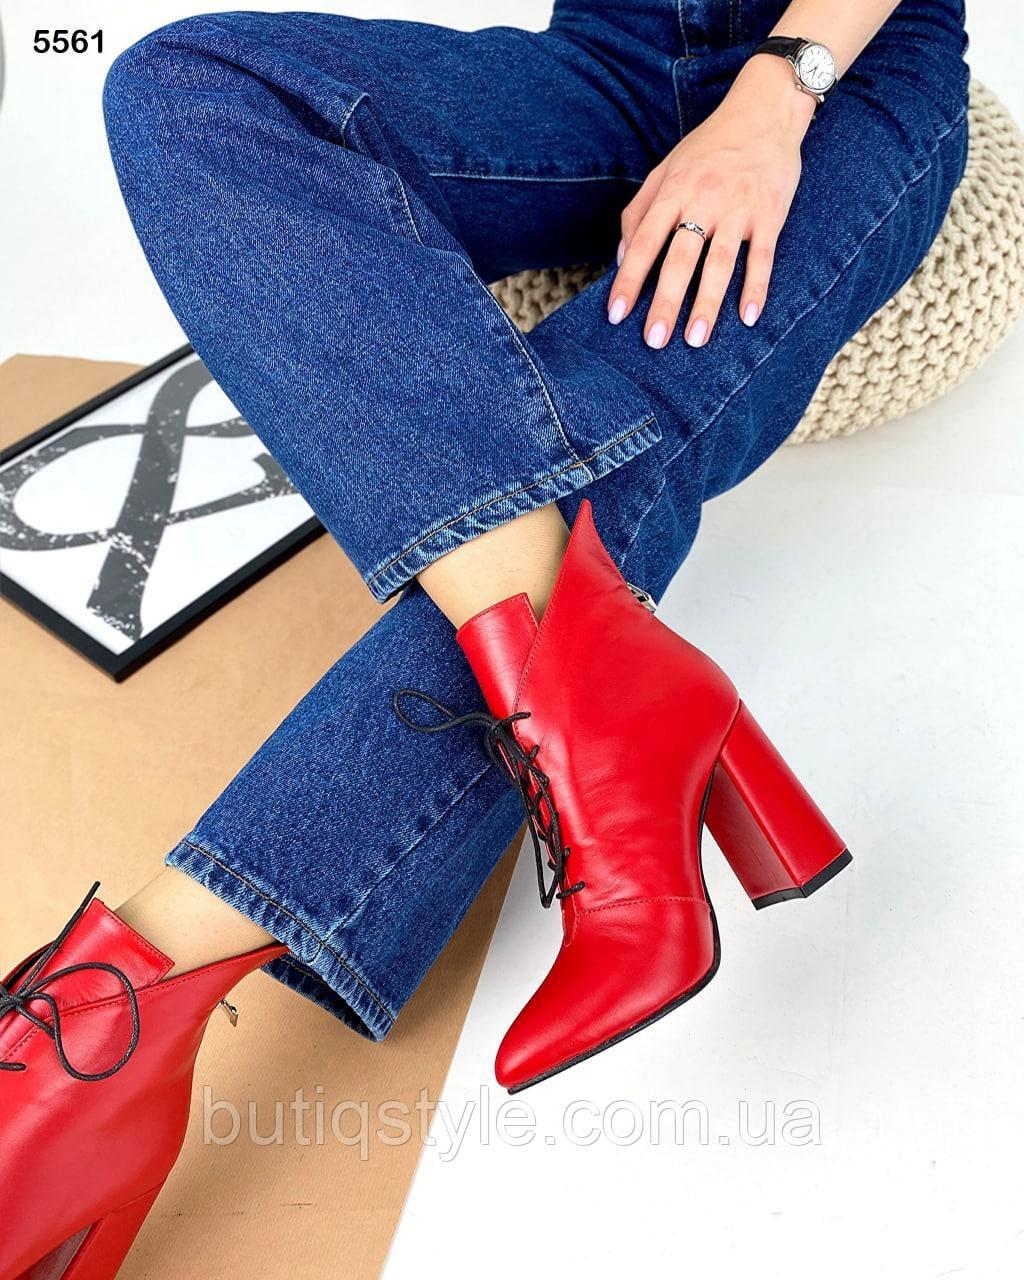 Женские красные ботильоны натуральная кожа Деми